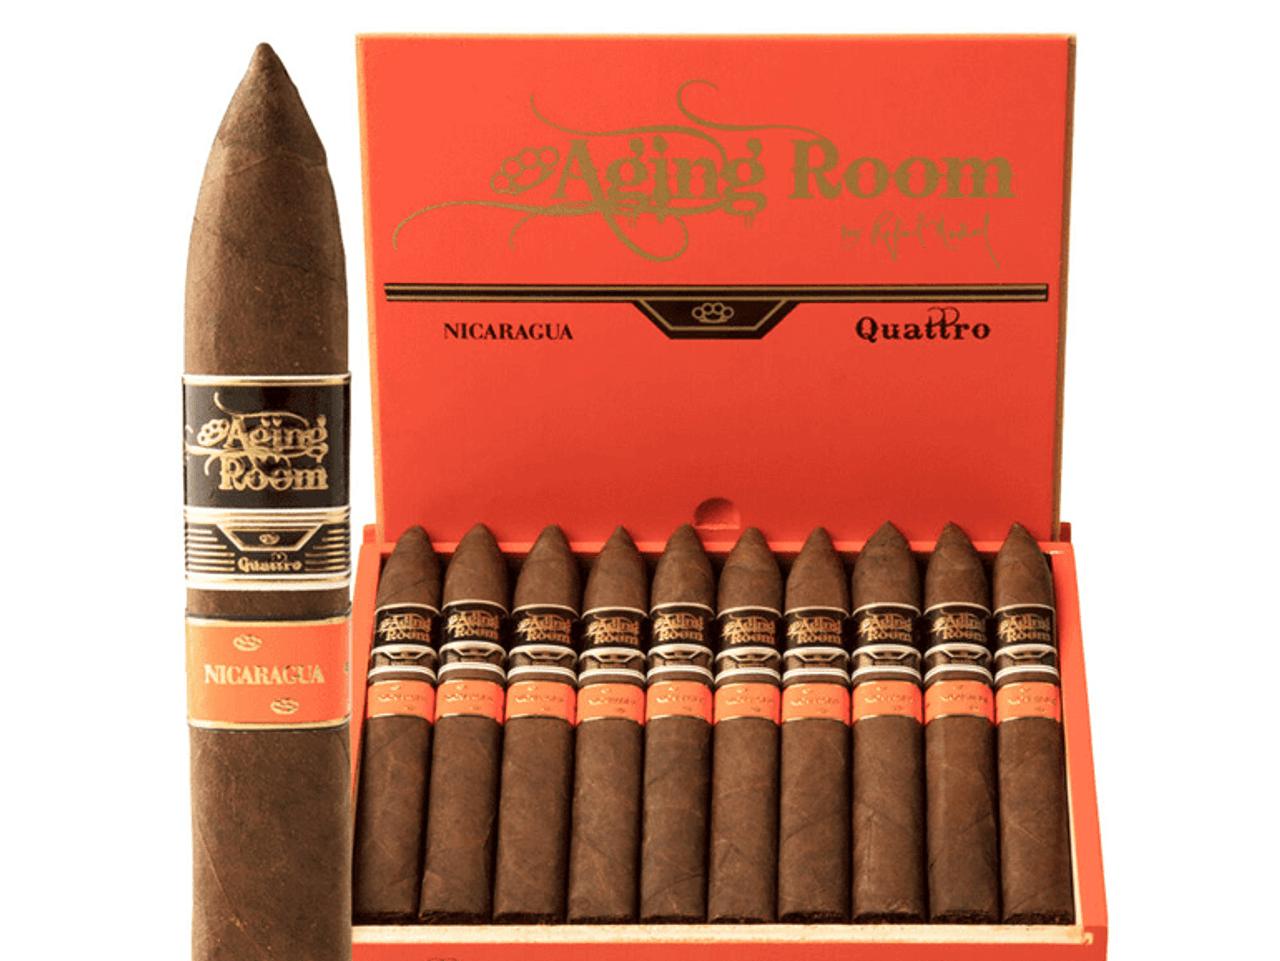 Aging Room Quattro Maestro